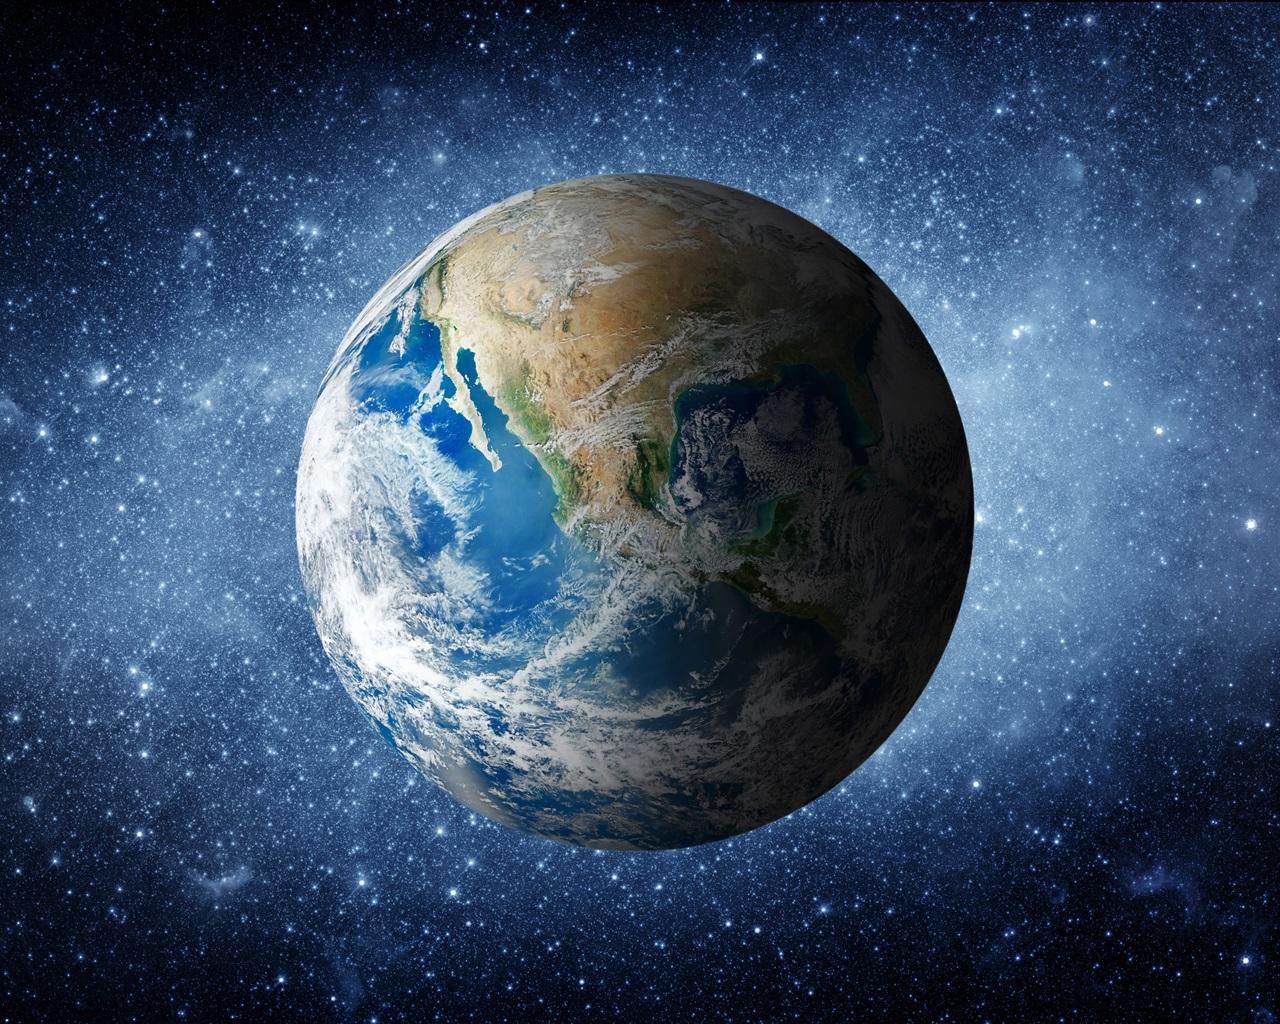 壁纸 美丽的蓝色的地球在太空,星星光 3840x2160 Uhd 4k 高清壁纸 图片 照片